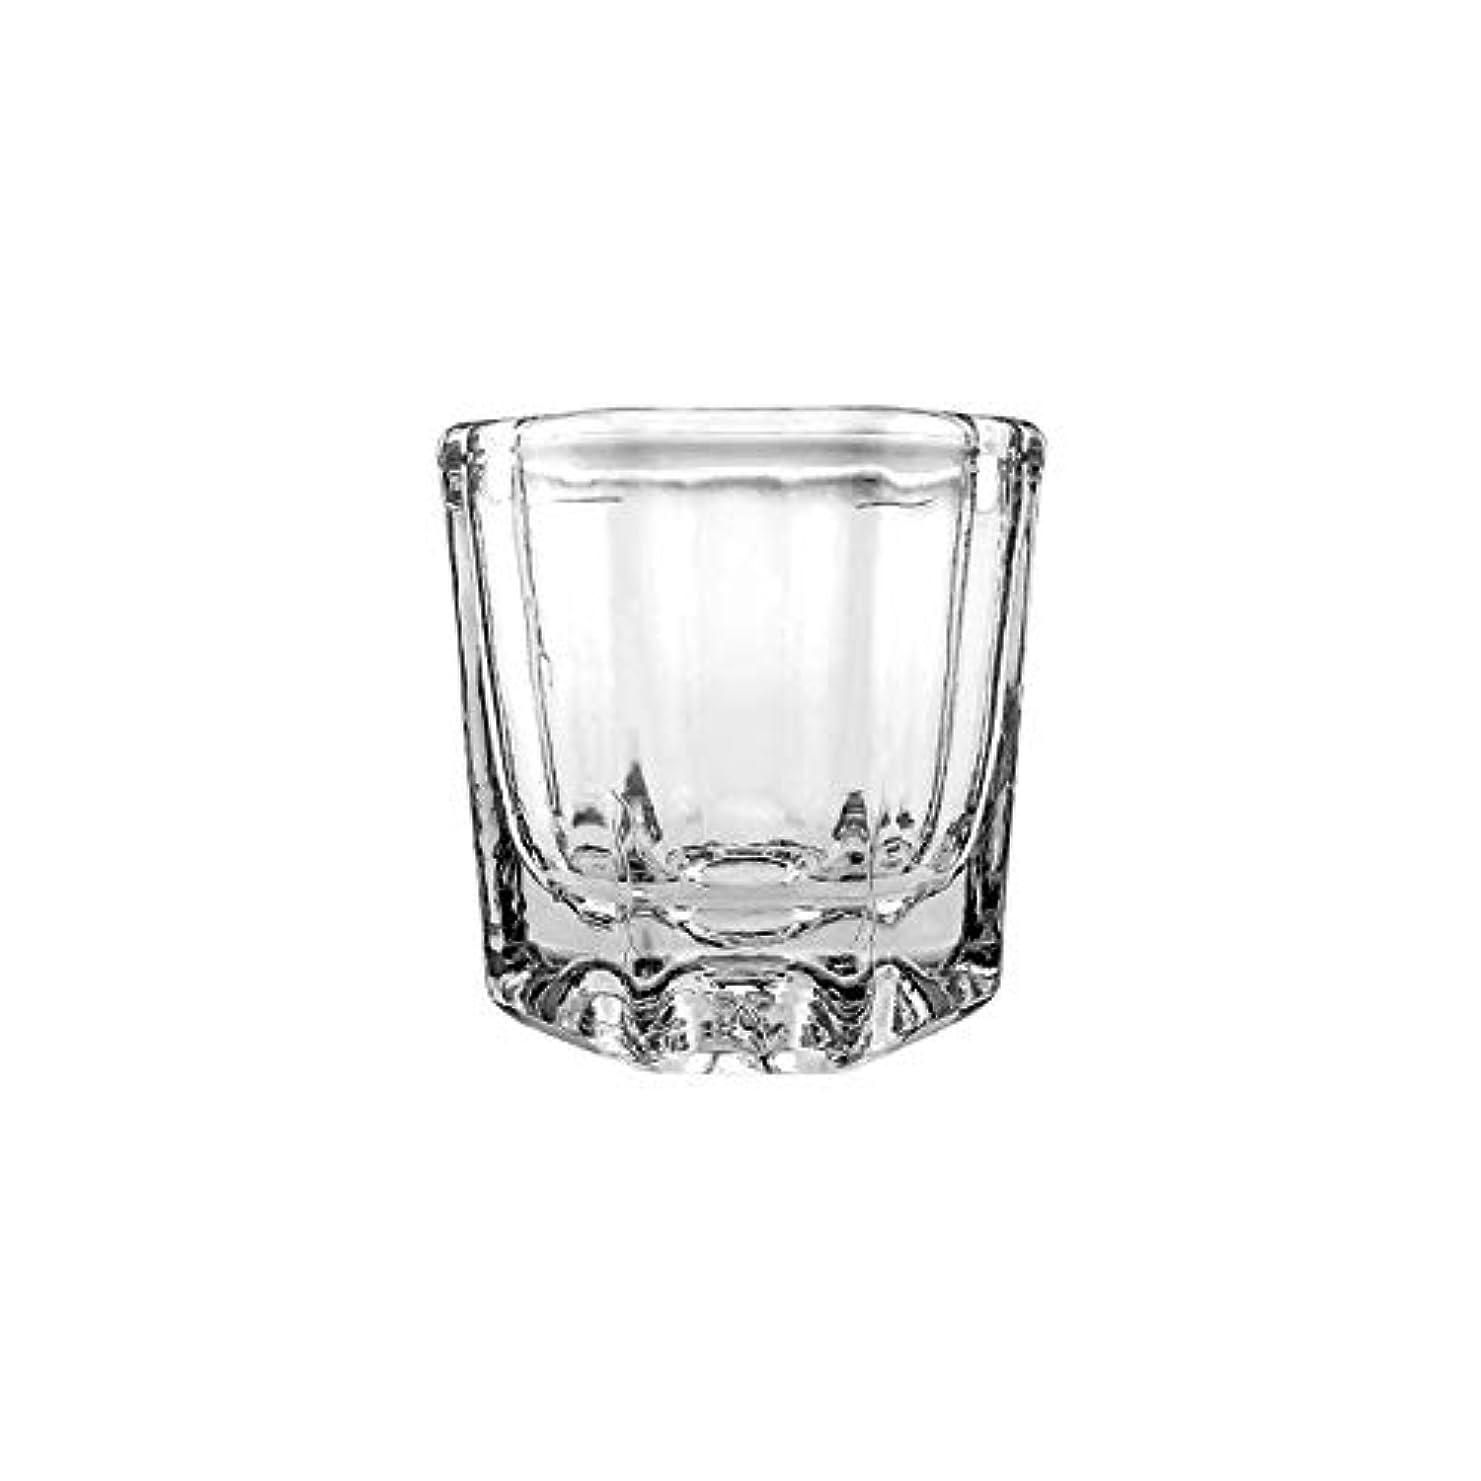 役割正直性差別LALONA ダッペンディッシュ (ガラス製) (耐溶剤) ジェルネイル スカルプチュア ブラシの洗浄に